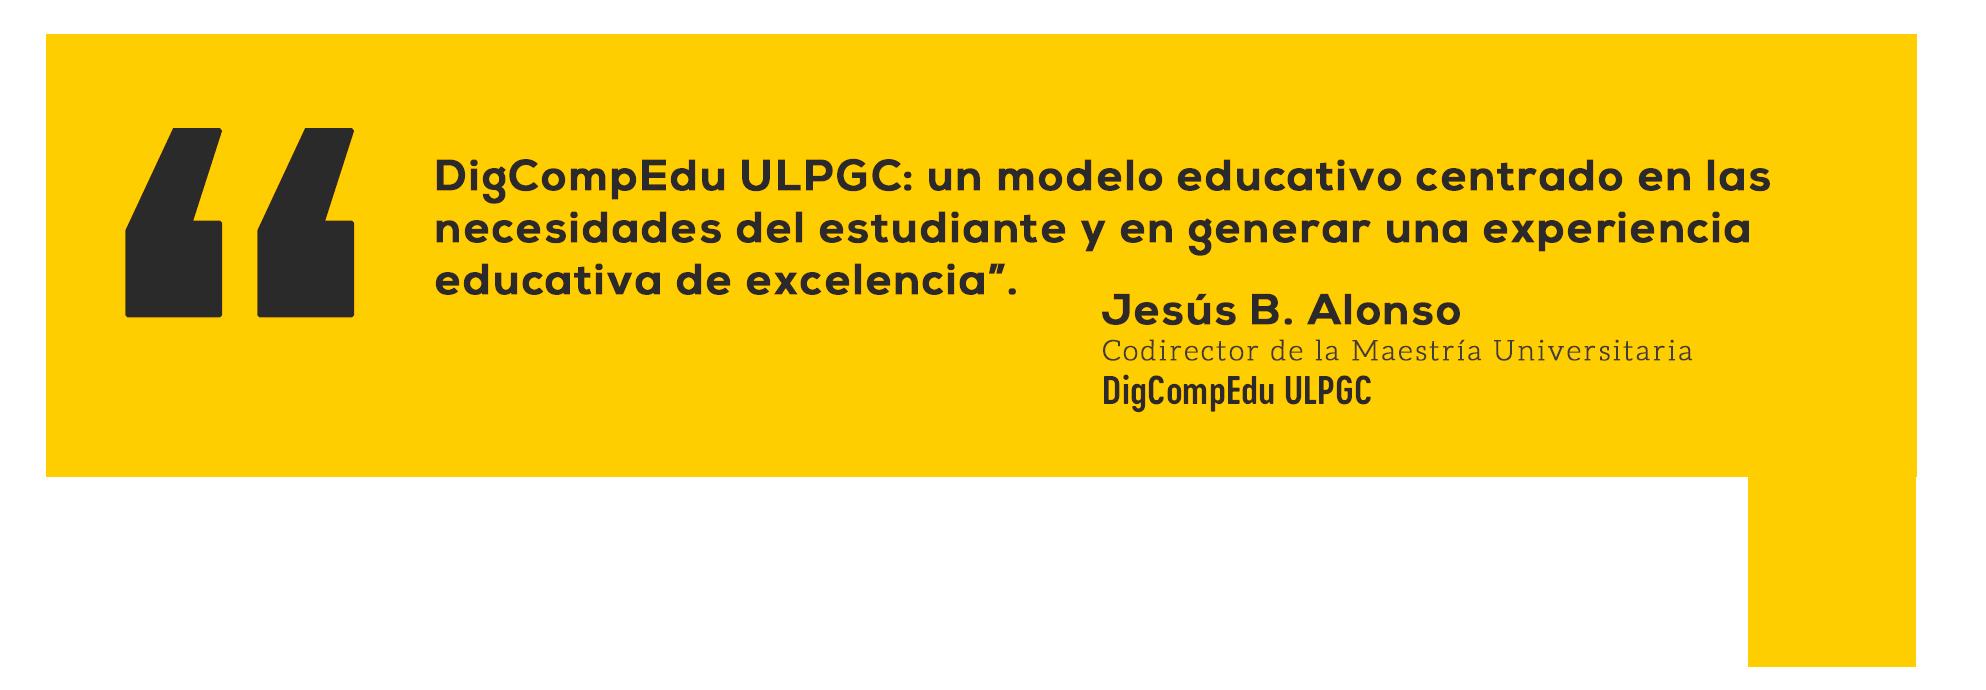 Jesús B. Alonso